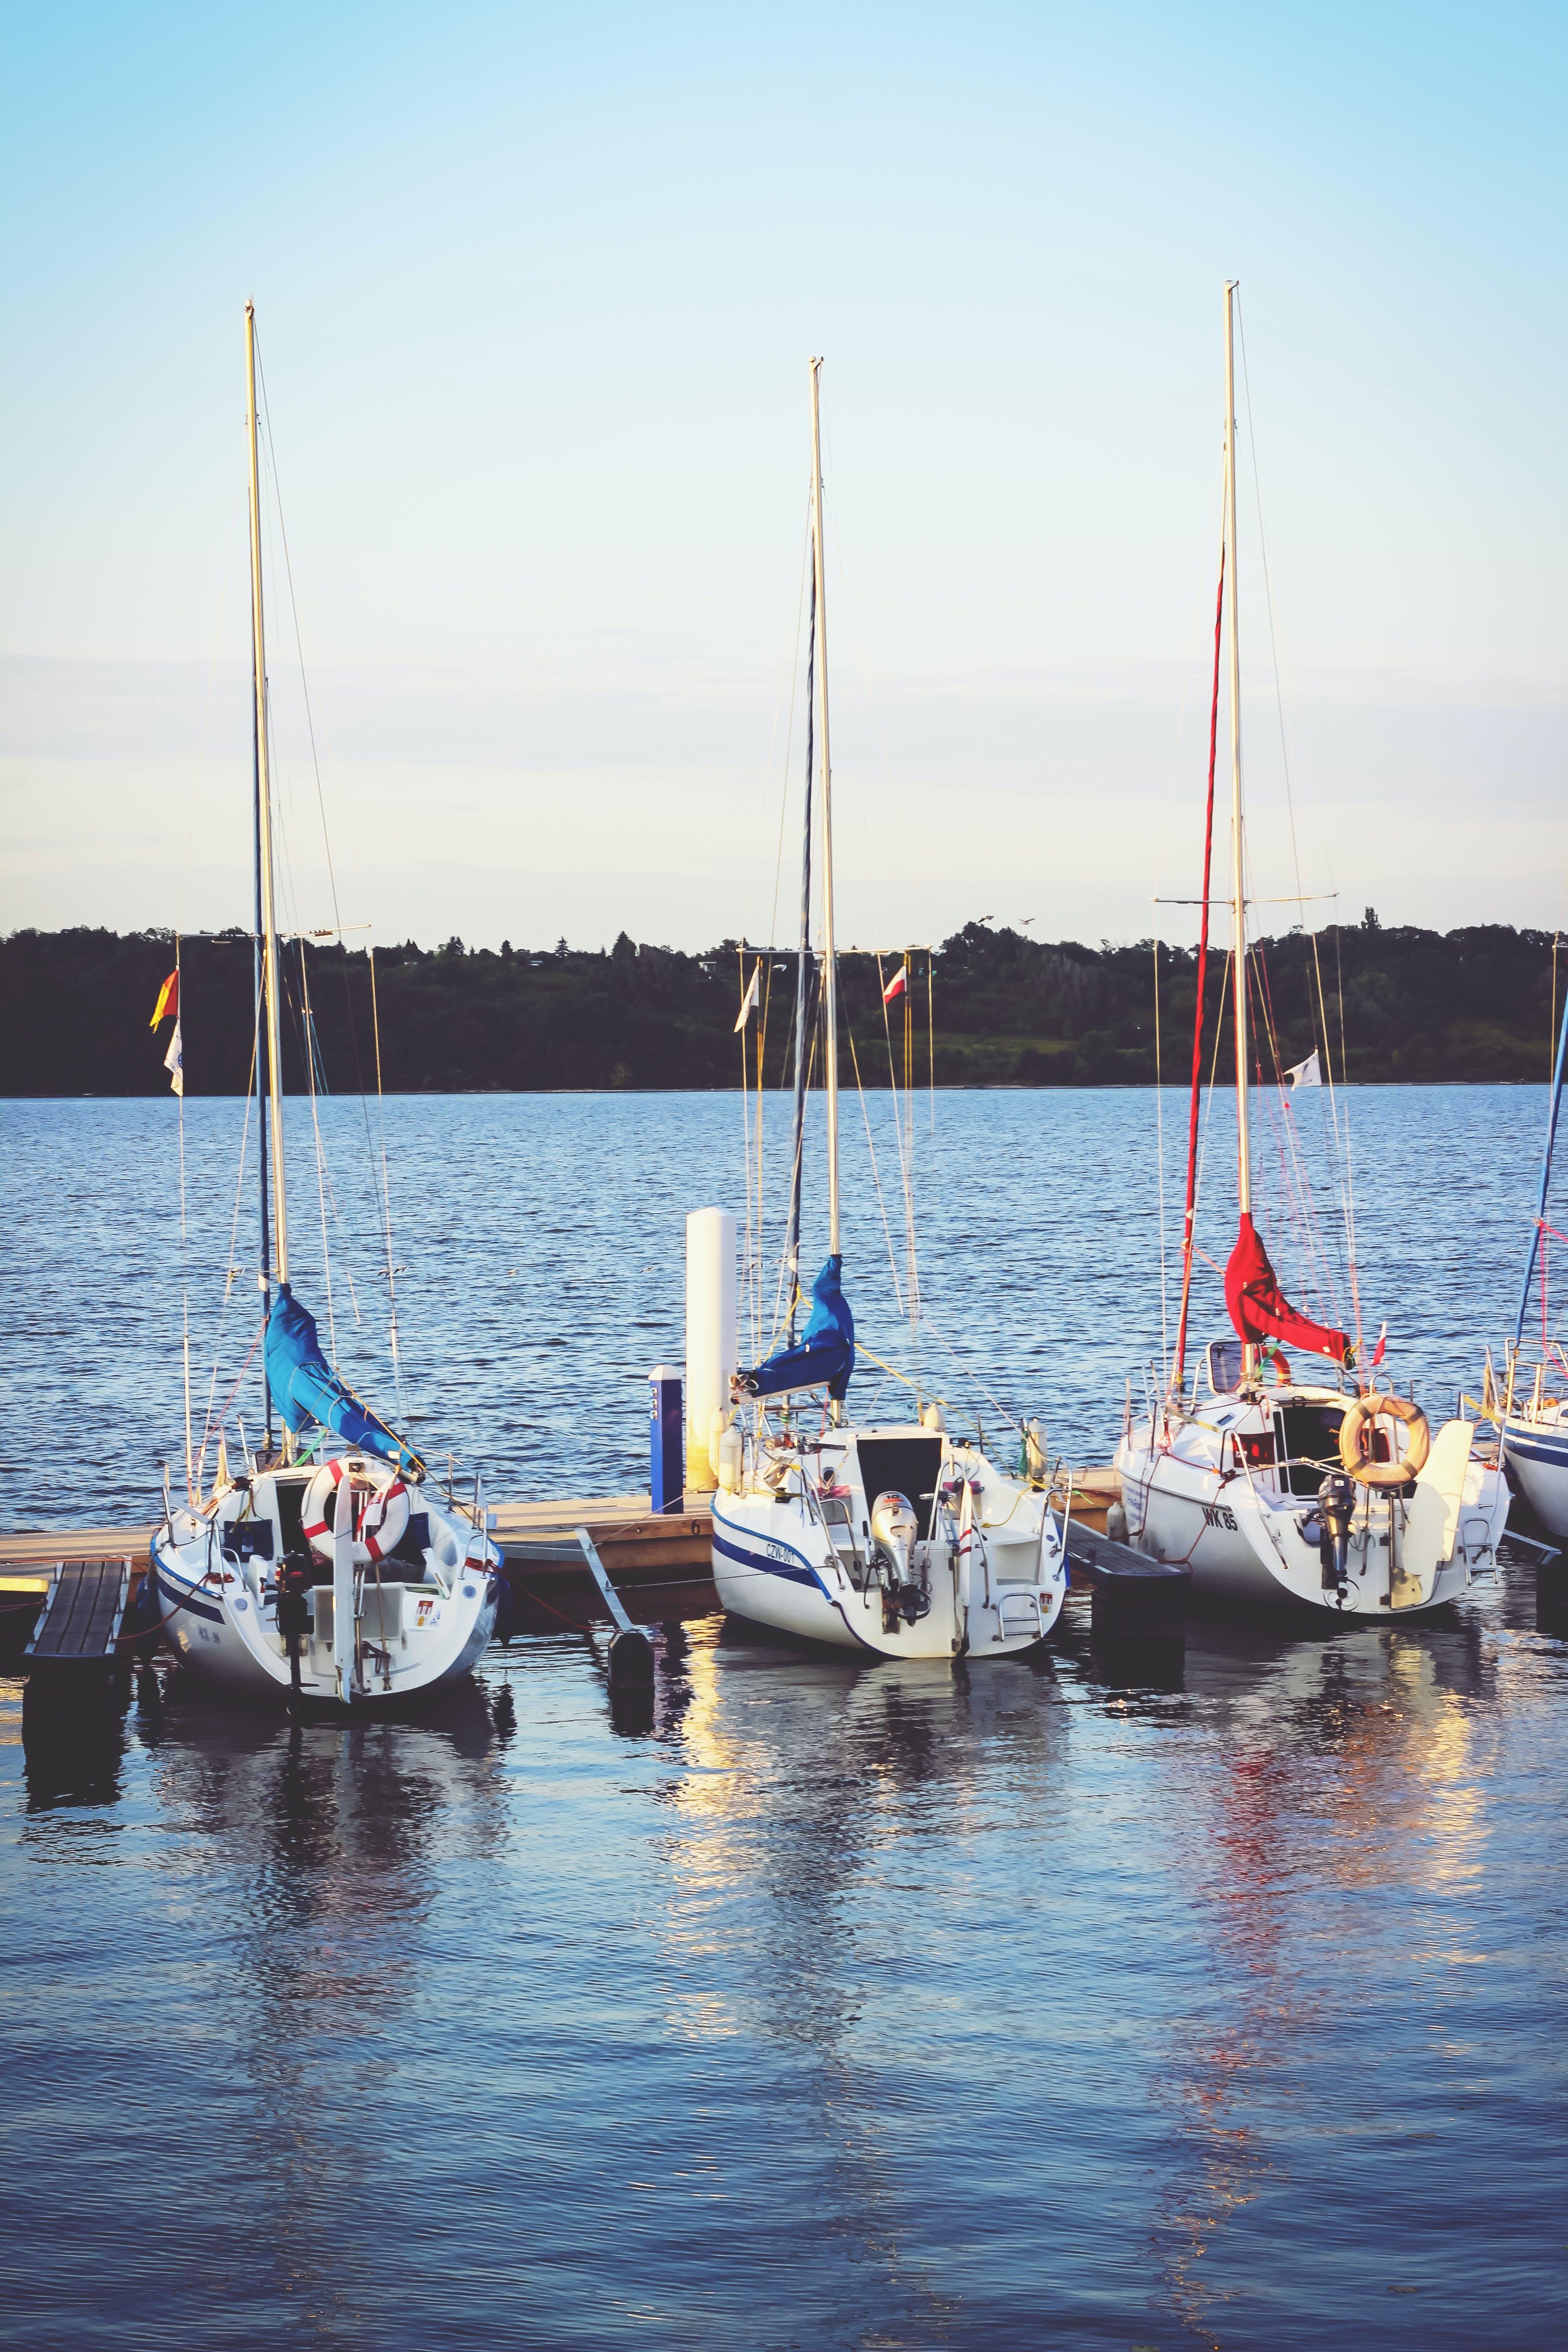 Δωρεάν στοκ φωτογραφιών με βάρκες, θάλασσα, ιστιοπλοϊκά, κρασί Πόρτο